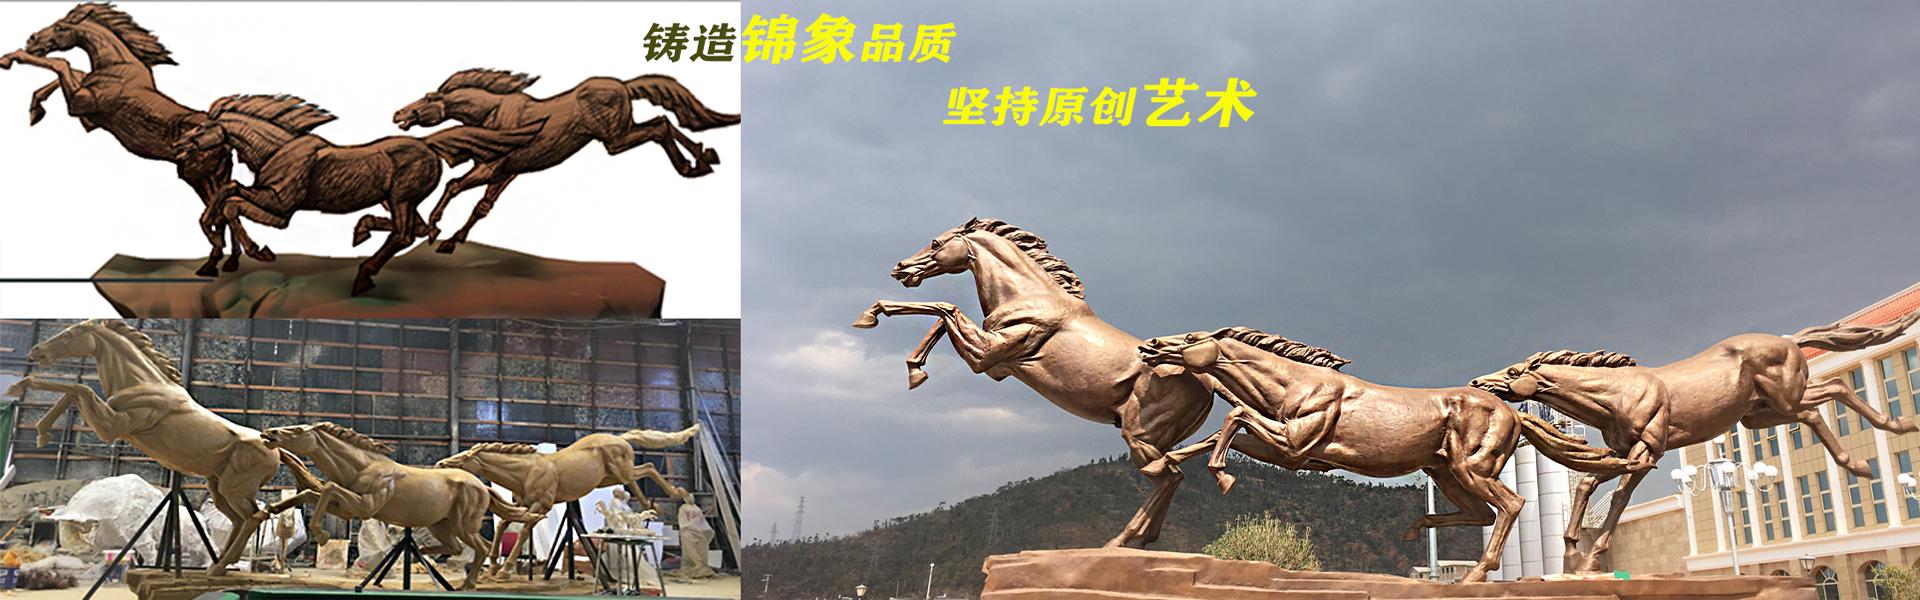 铸铜雕塑 昆明雕塑厂家